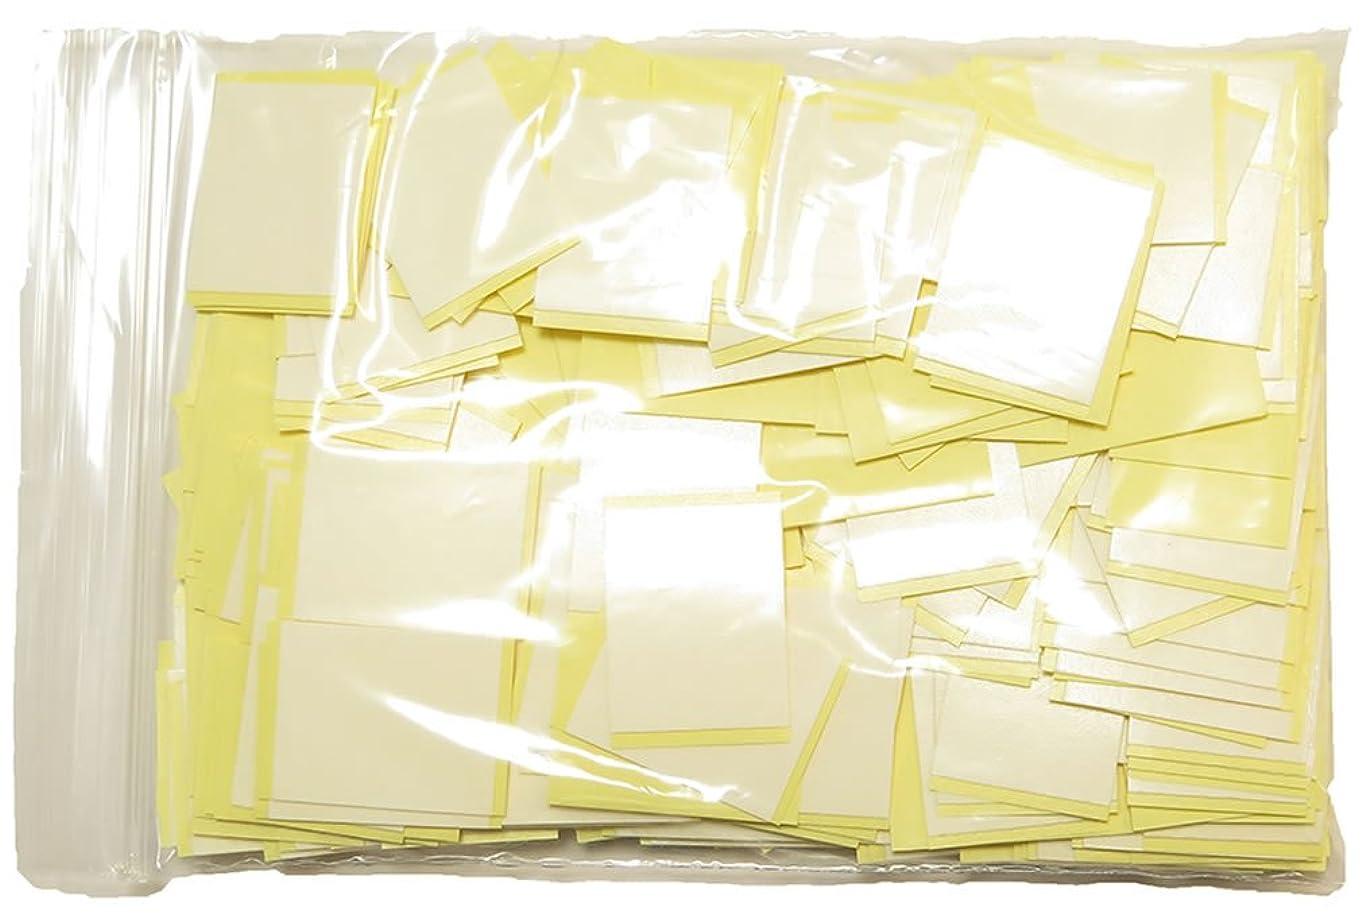 責任者寛容などれでも《アイデア商品》2㎝カット約300枚両面テープ